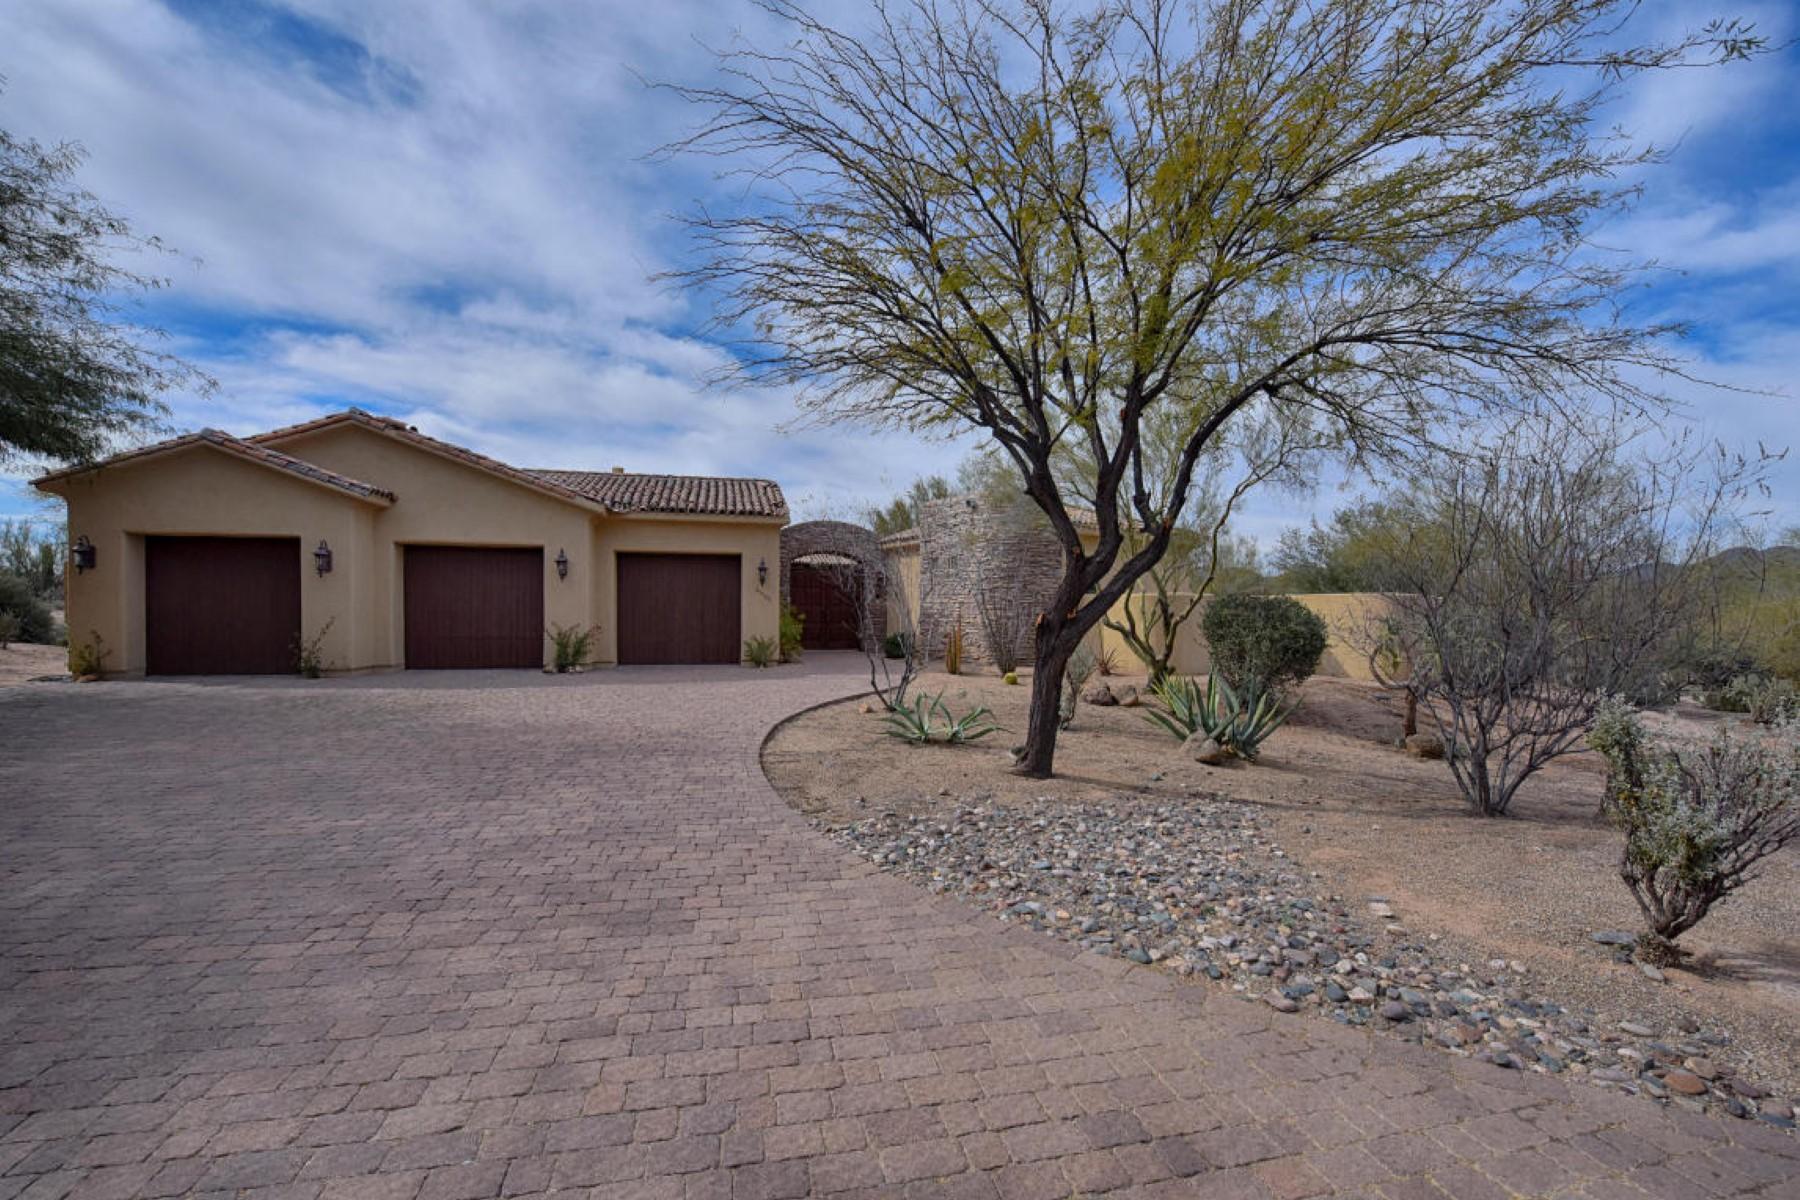 Частный односемейный дом для того Продажа на Beautiful 4 bedroom home in exclusive gated Canyon Crossings 35502 N Canyon Crossing Dr Cave Creek, Аризона 85331 Соединенные Штаты